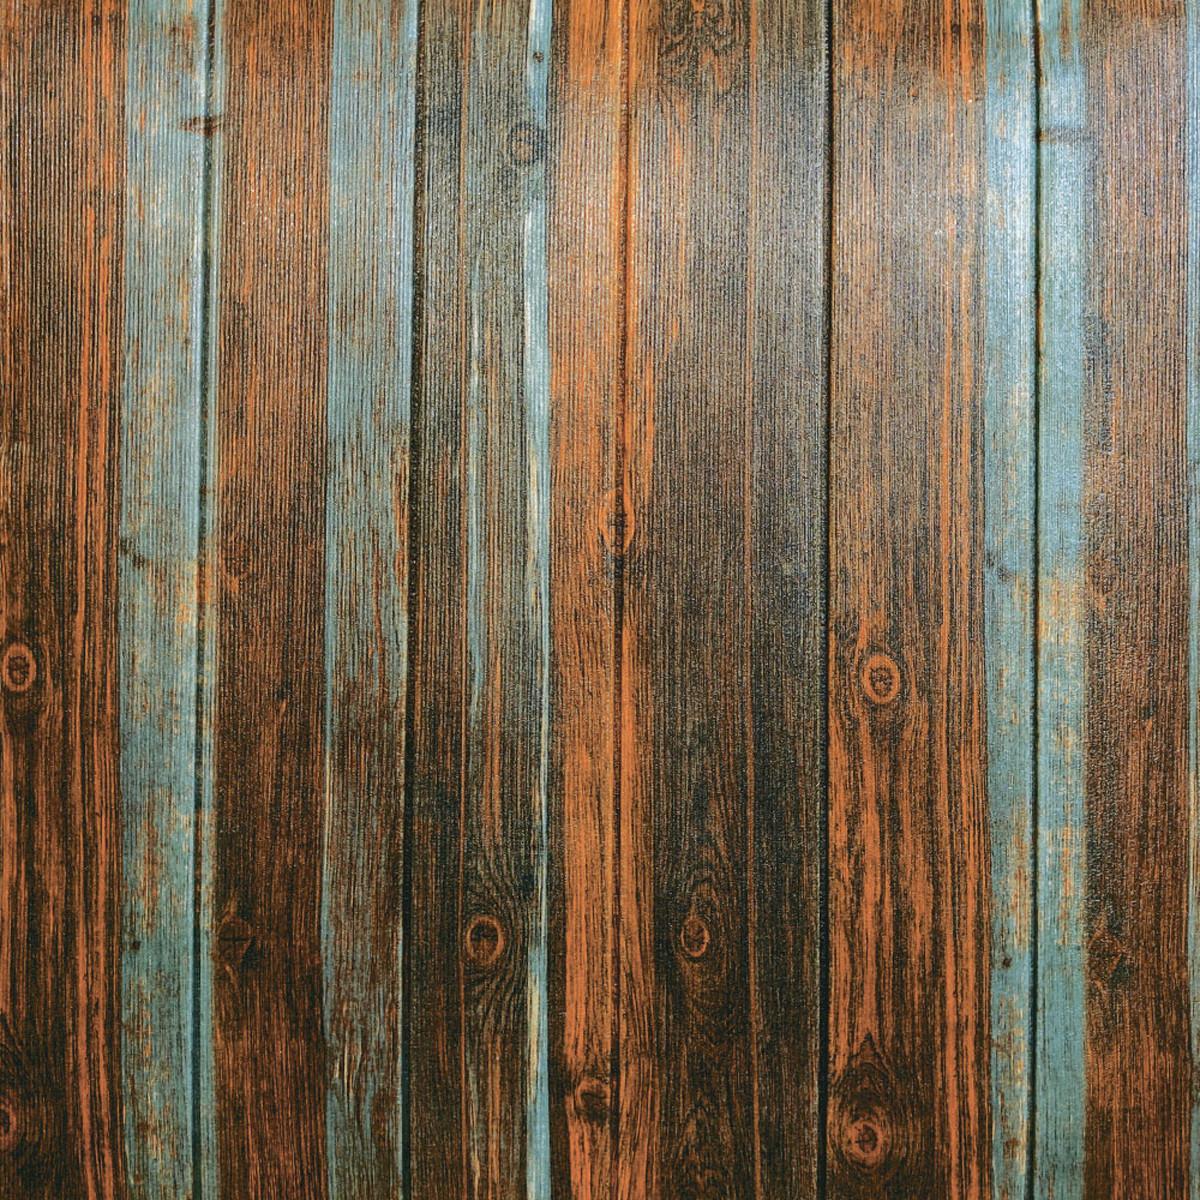 Самоклеющаяся декоративная 3D панель серо-коричневое дерево 700x700x6,5мм (086)